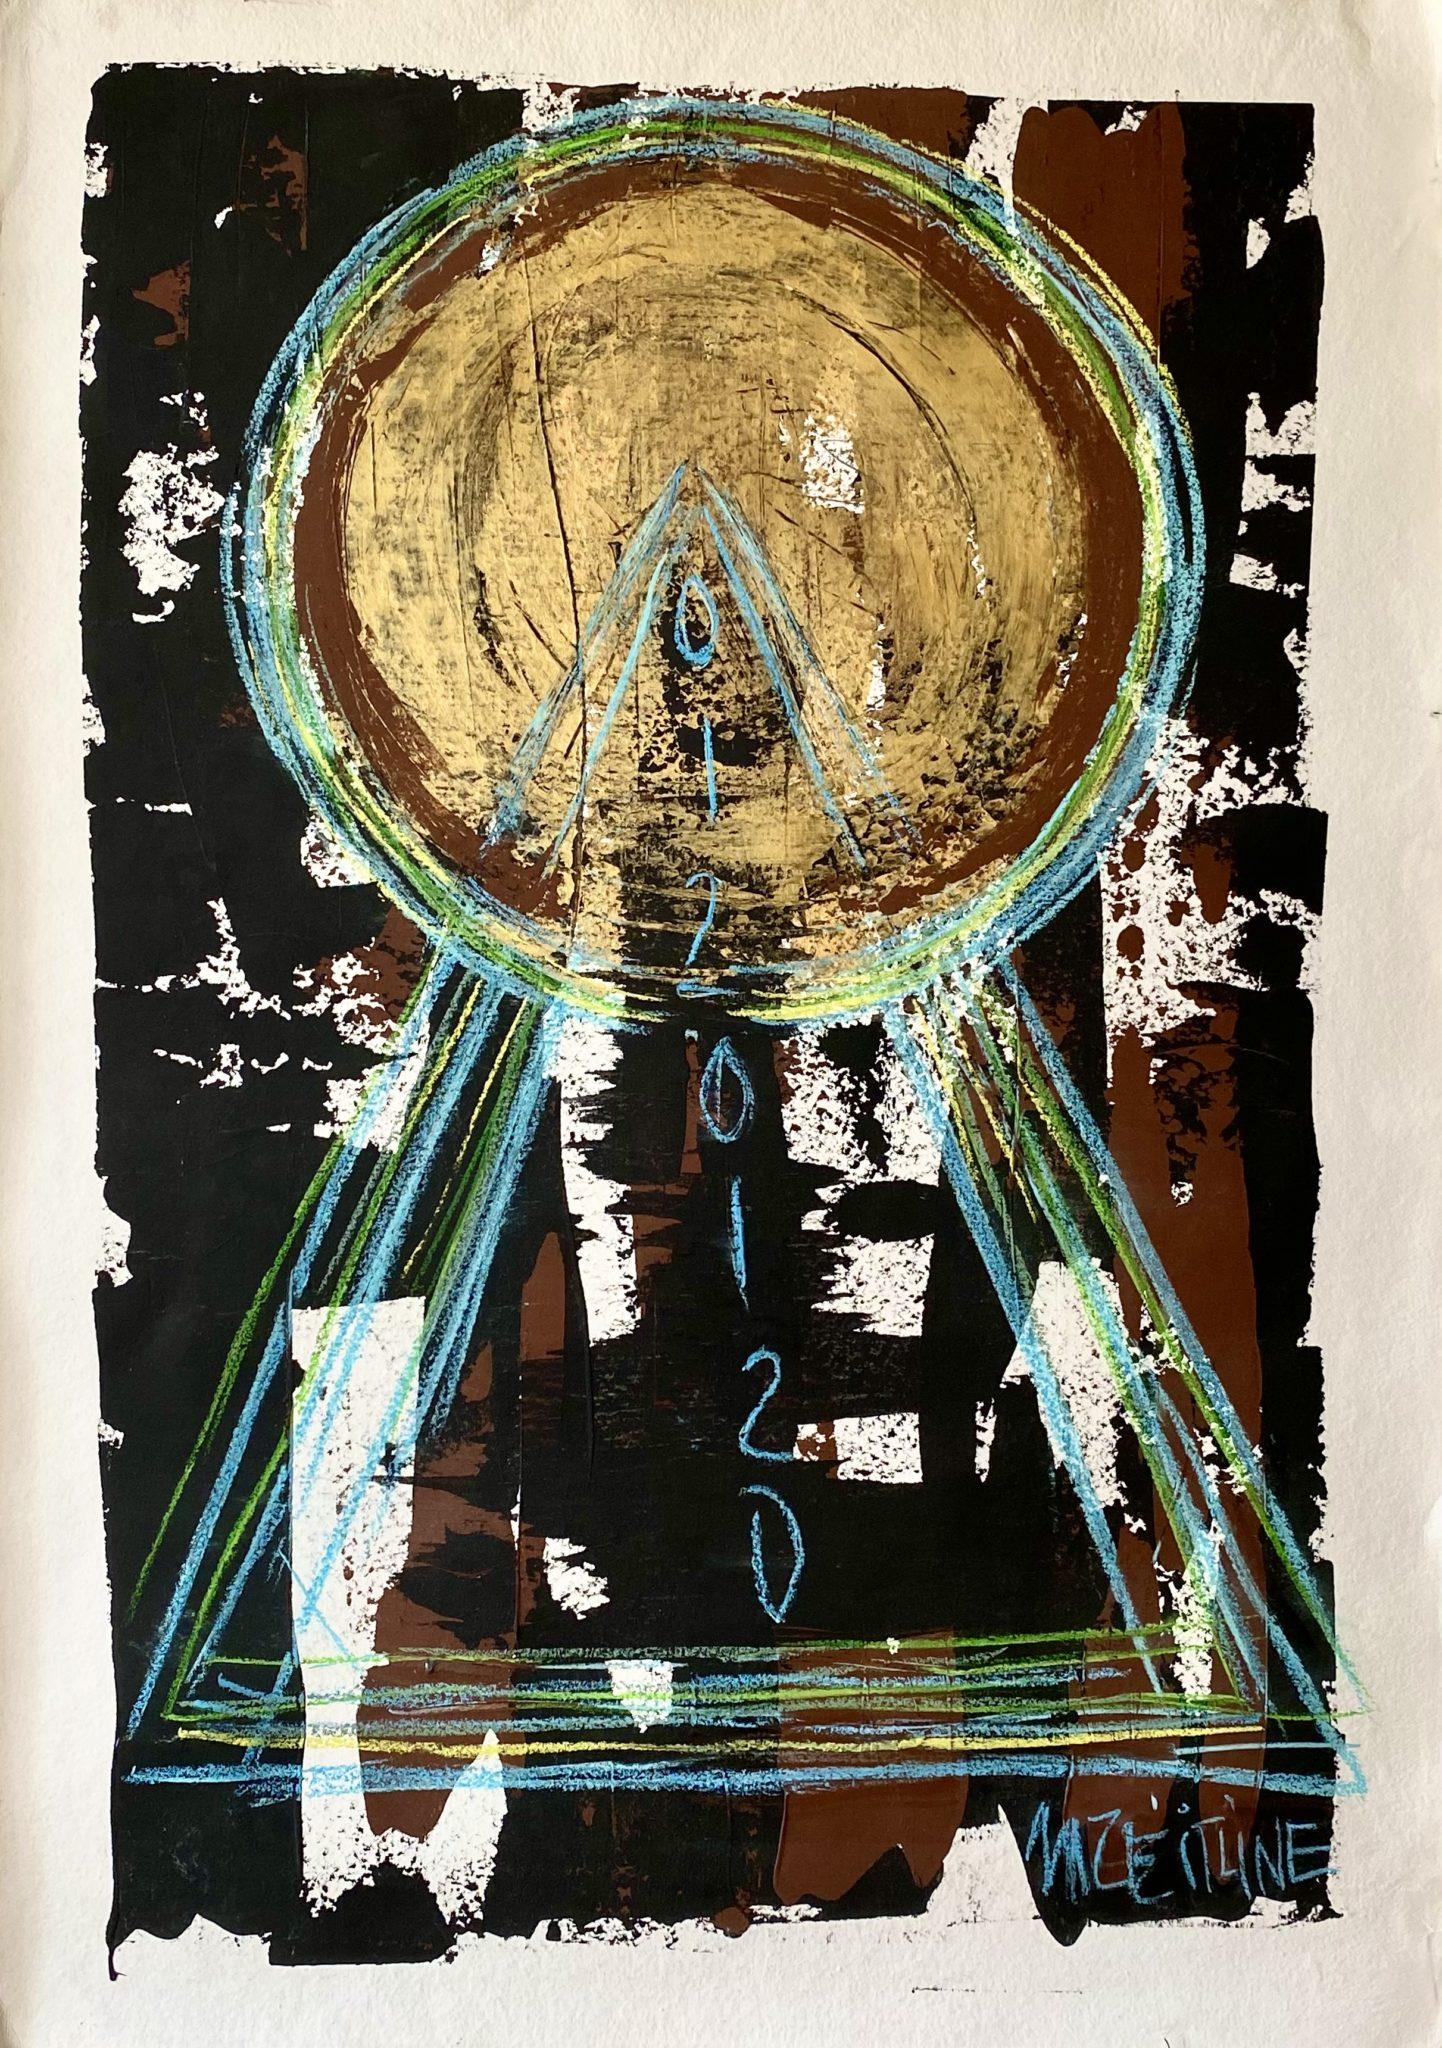 Donner forme à mes rêves- Gouache, acrylique, pastels sur papier - 110 x 140 cm